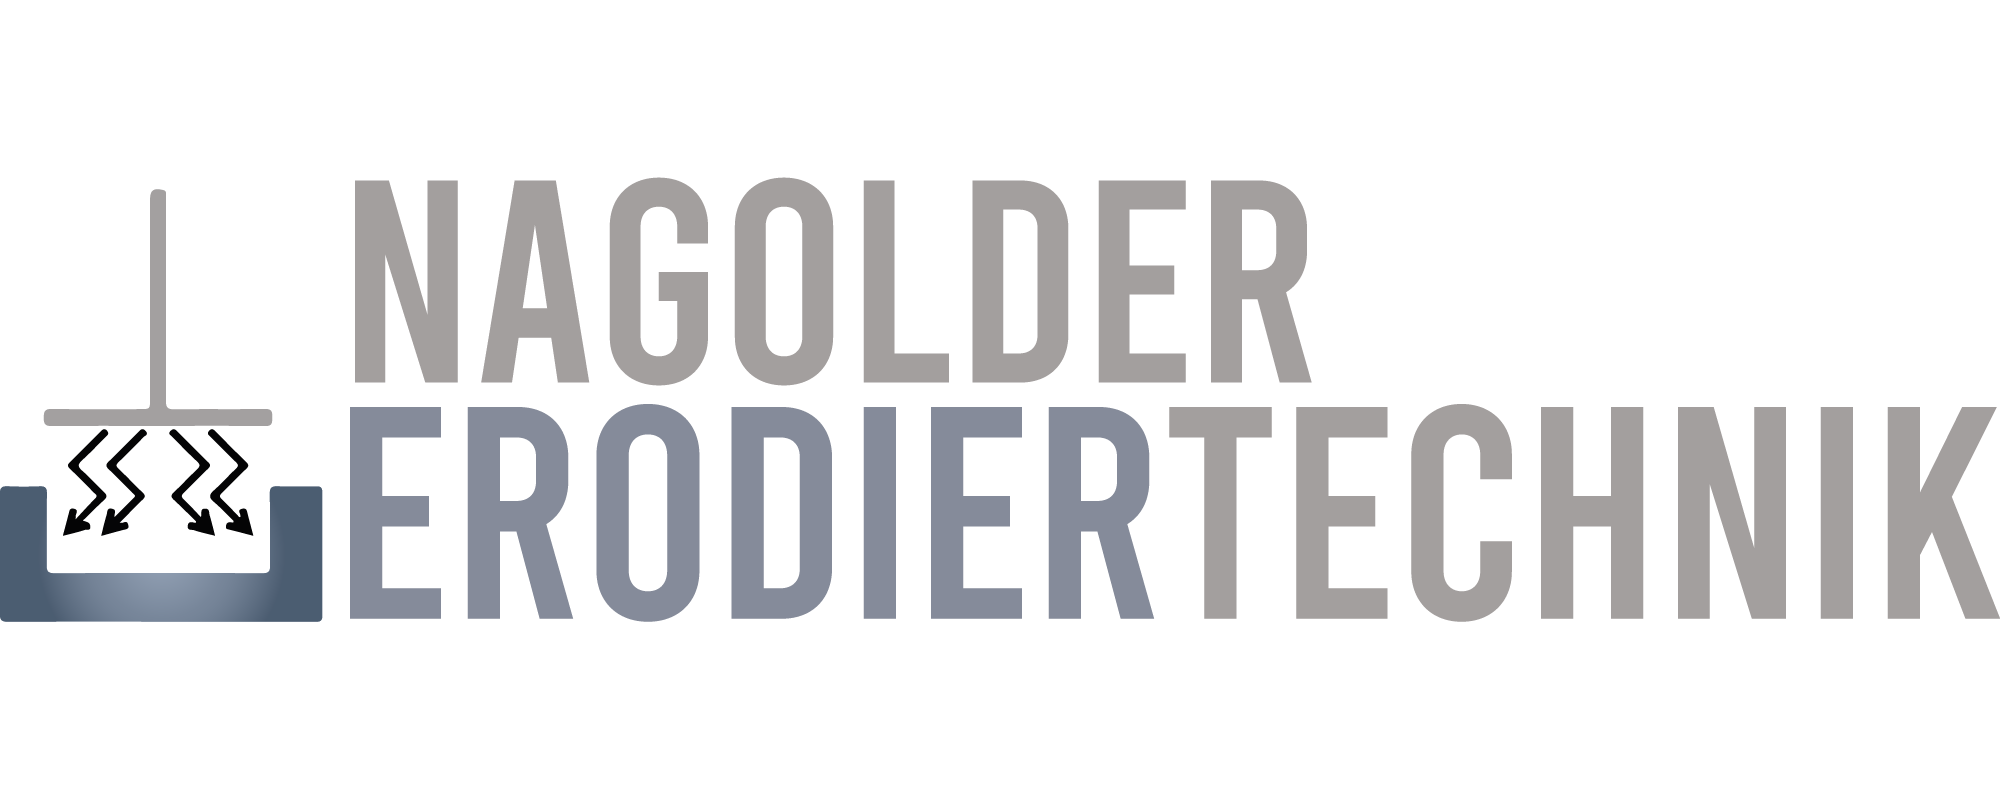 Nagolder Erodiertechnik GmbH